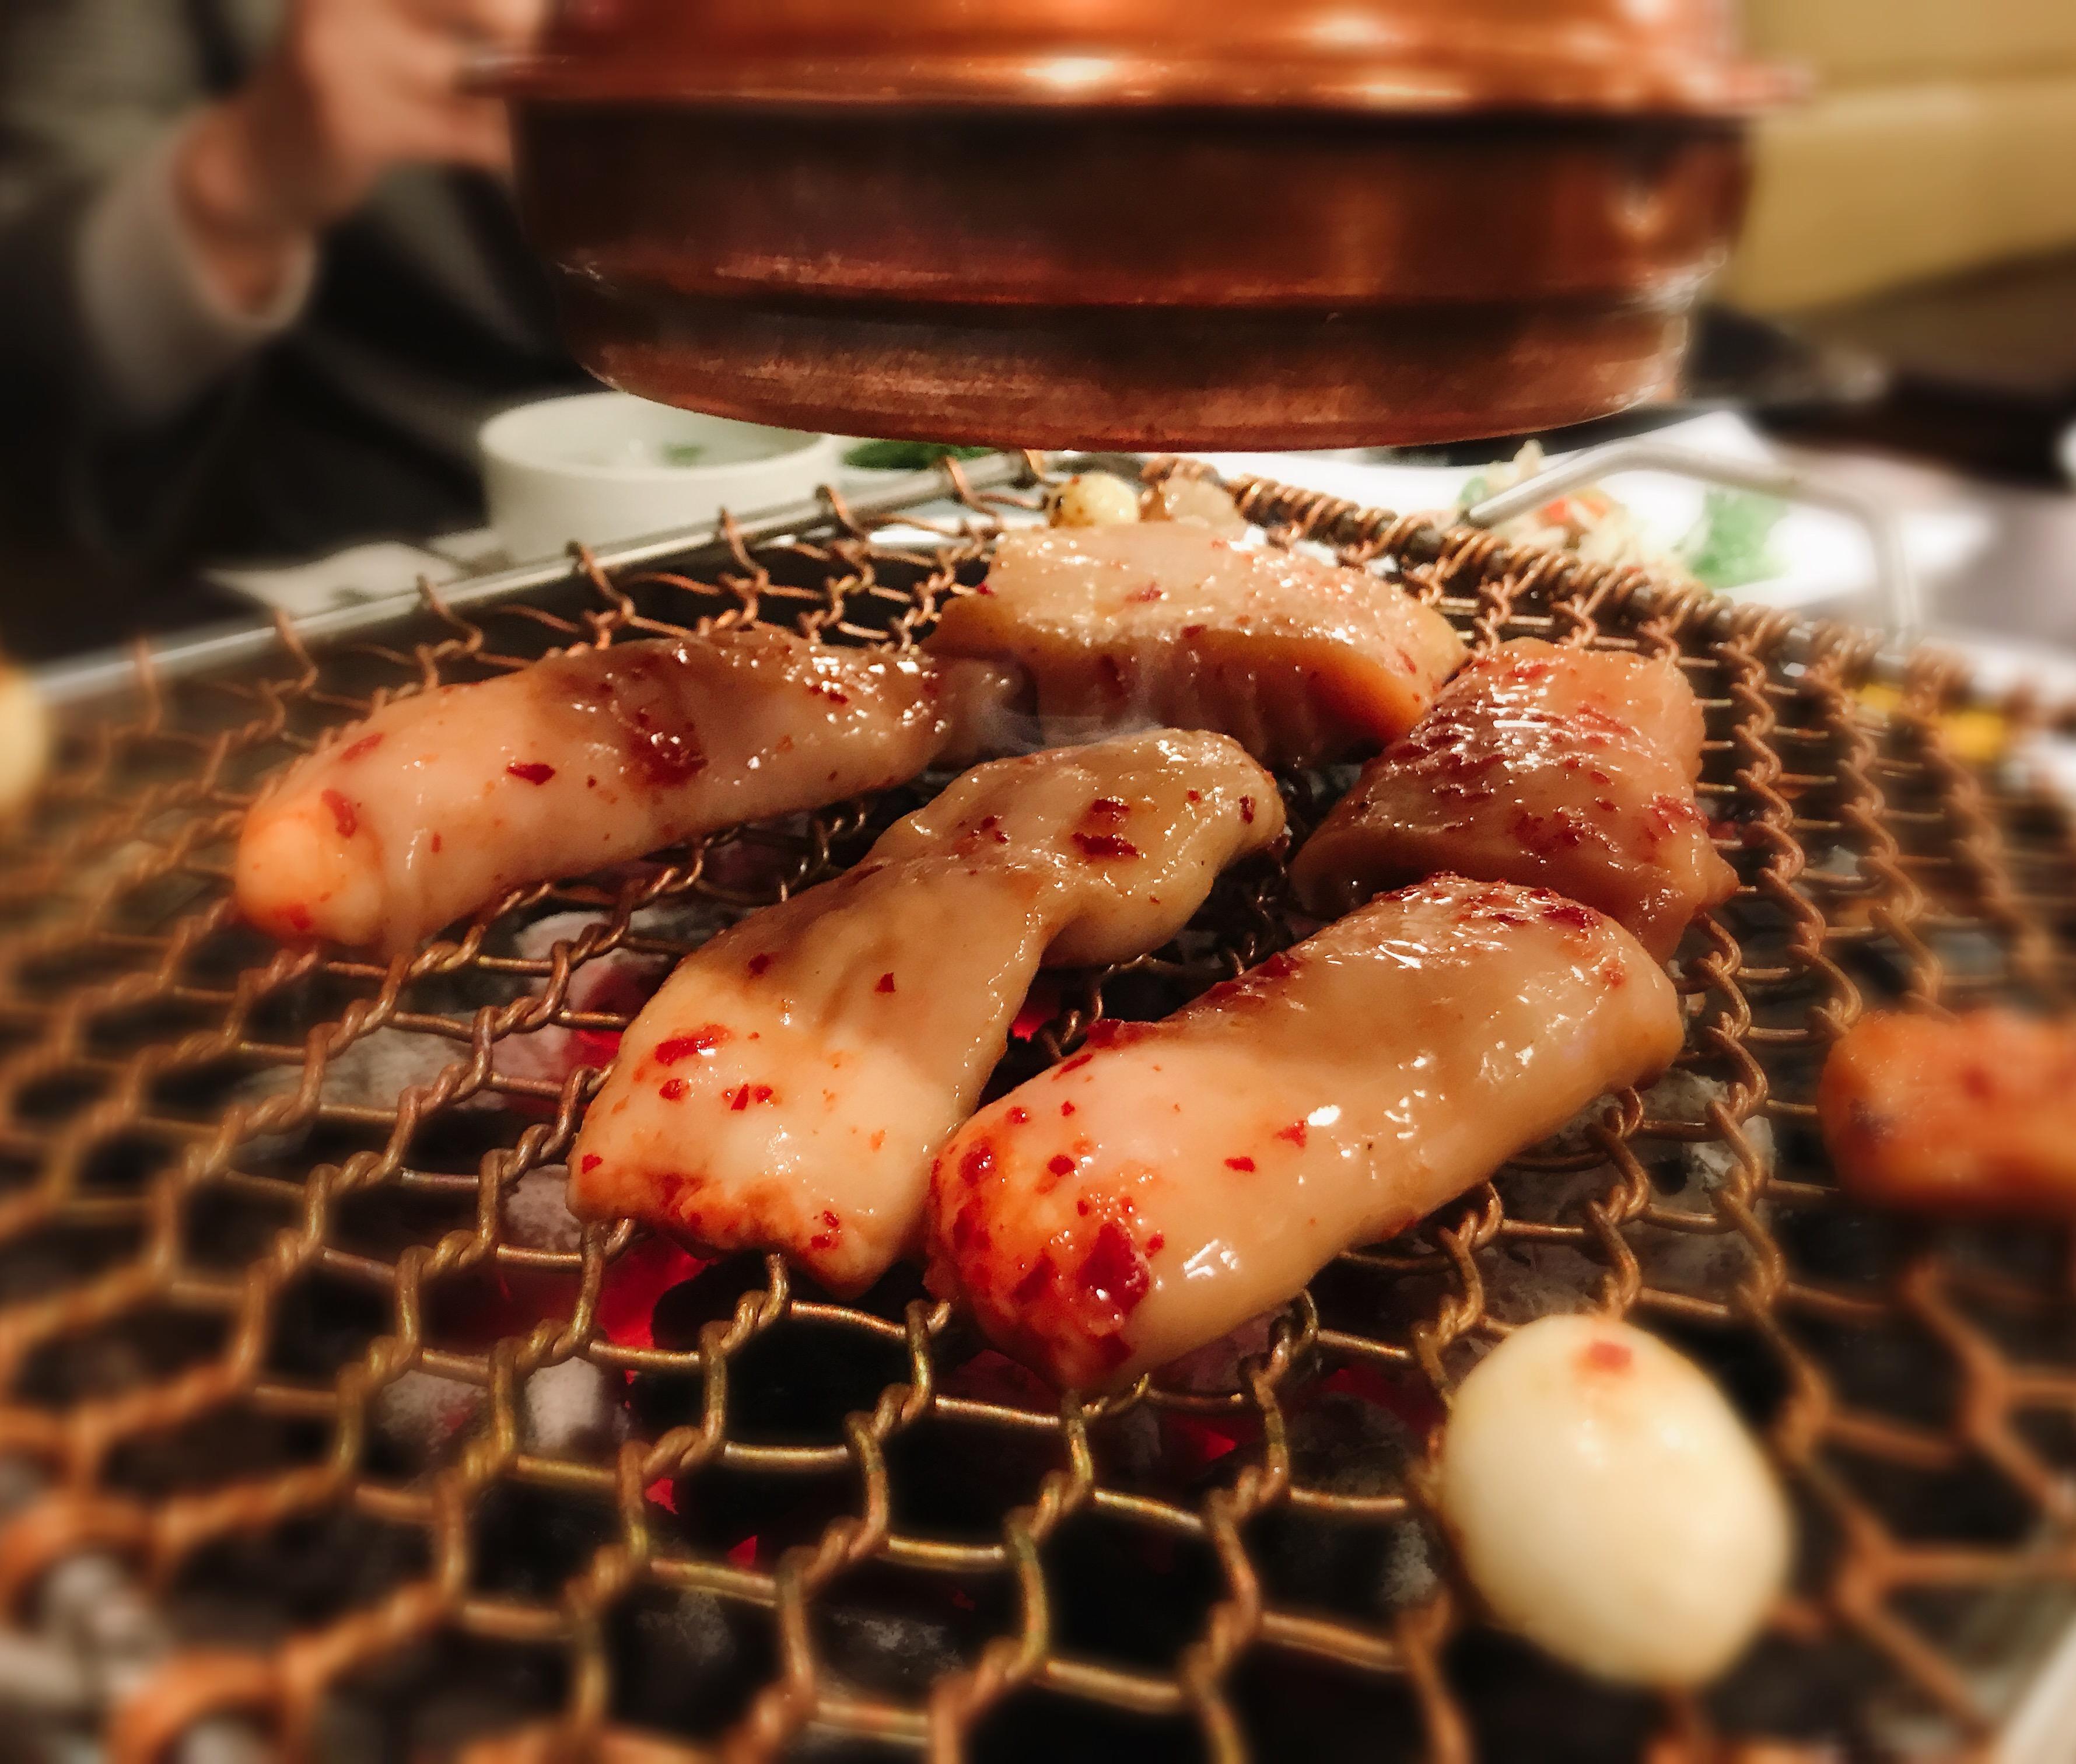 오발탄 송파점 주차 편한 양 대창 맛집 어른들도 즐기는 냄새 없는 내장 요리